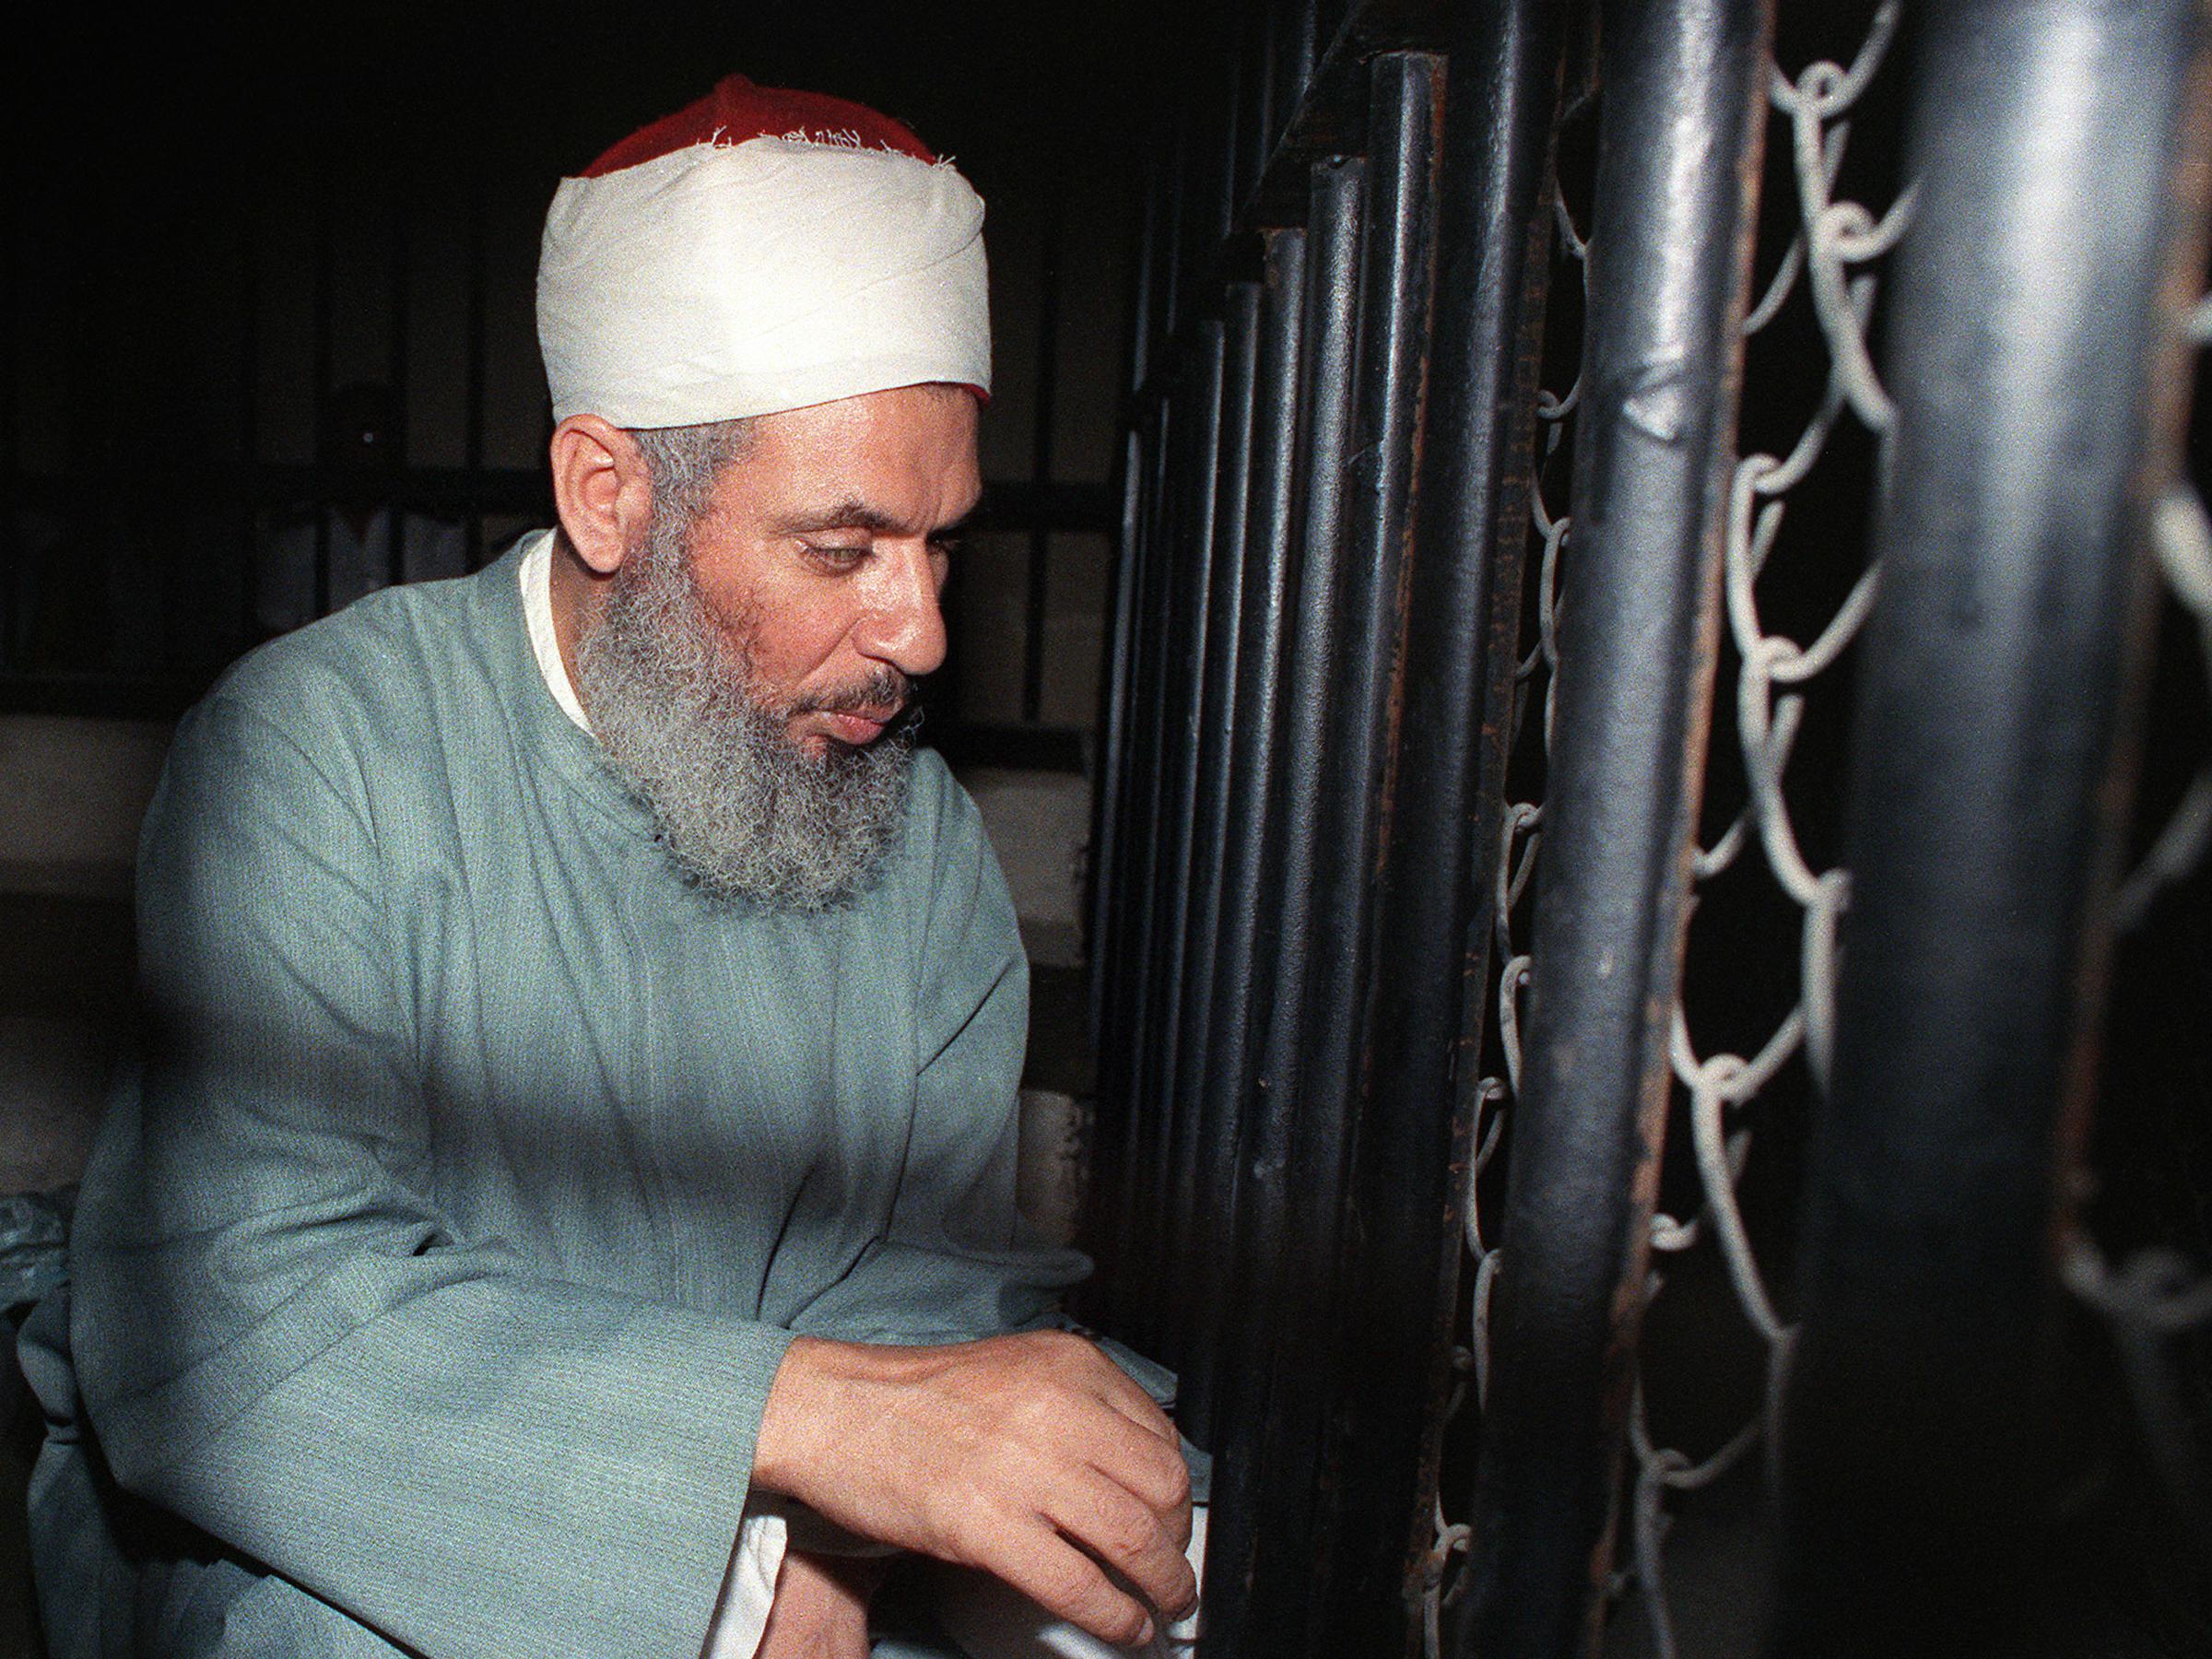 Sheikh Omar Abdel Rahman dies at U.S. prison aged 78